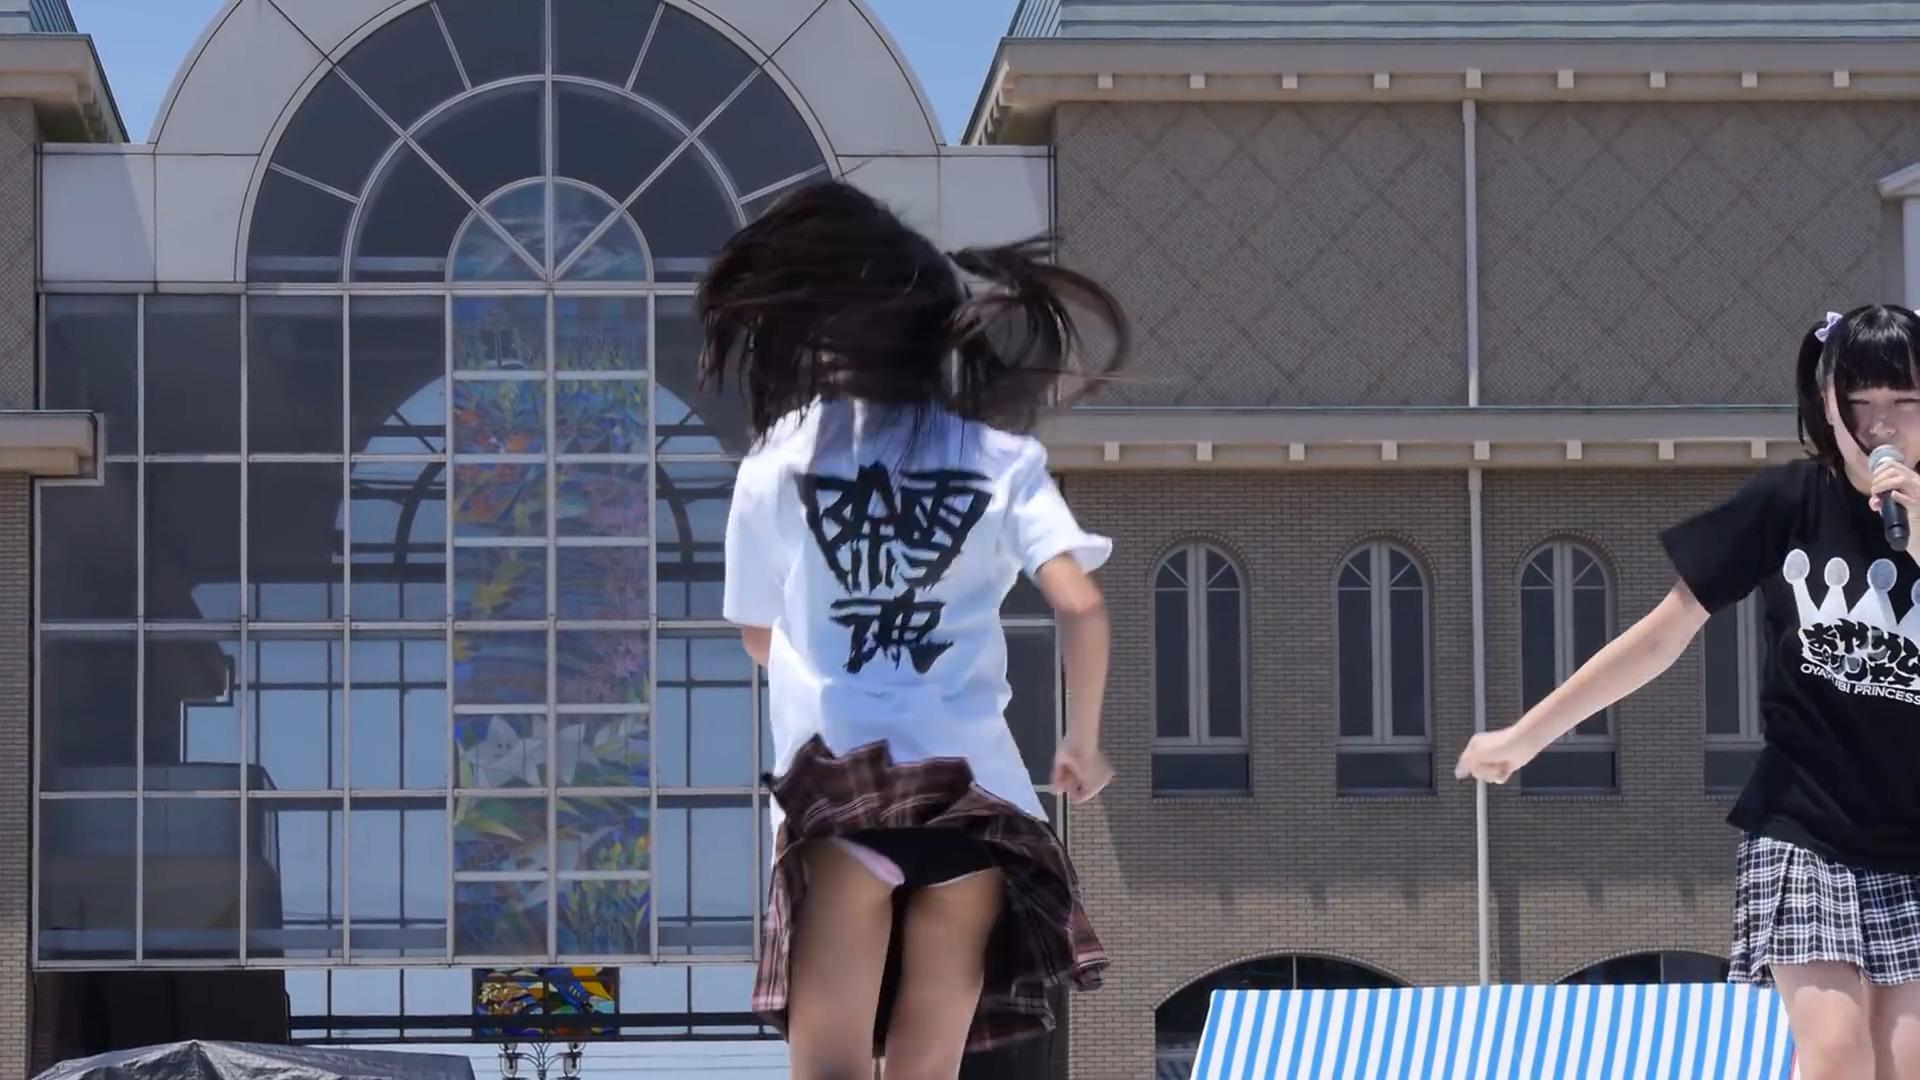 おやゆびプリンセス でんすけ祭り 第1部 ズームカメラ 2015年7月25日 08:18